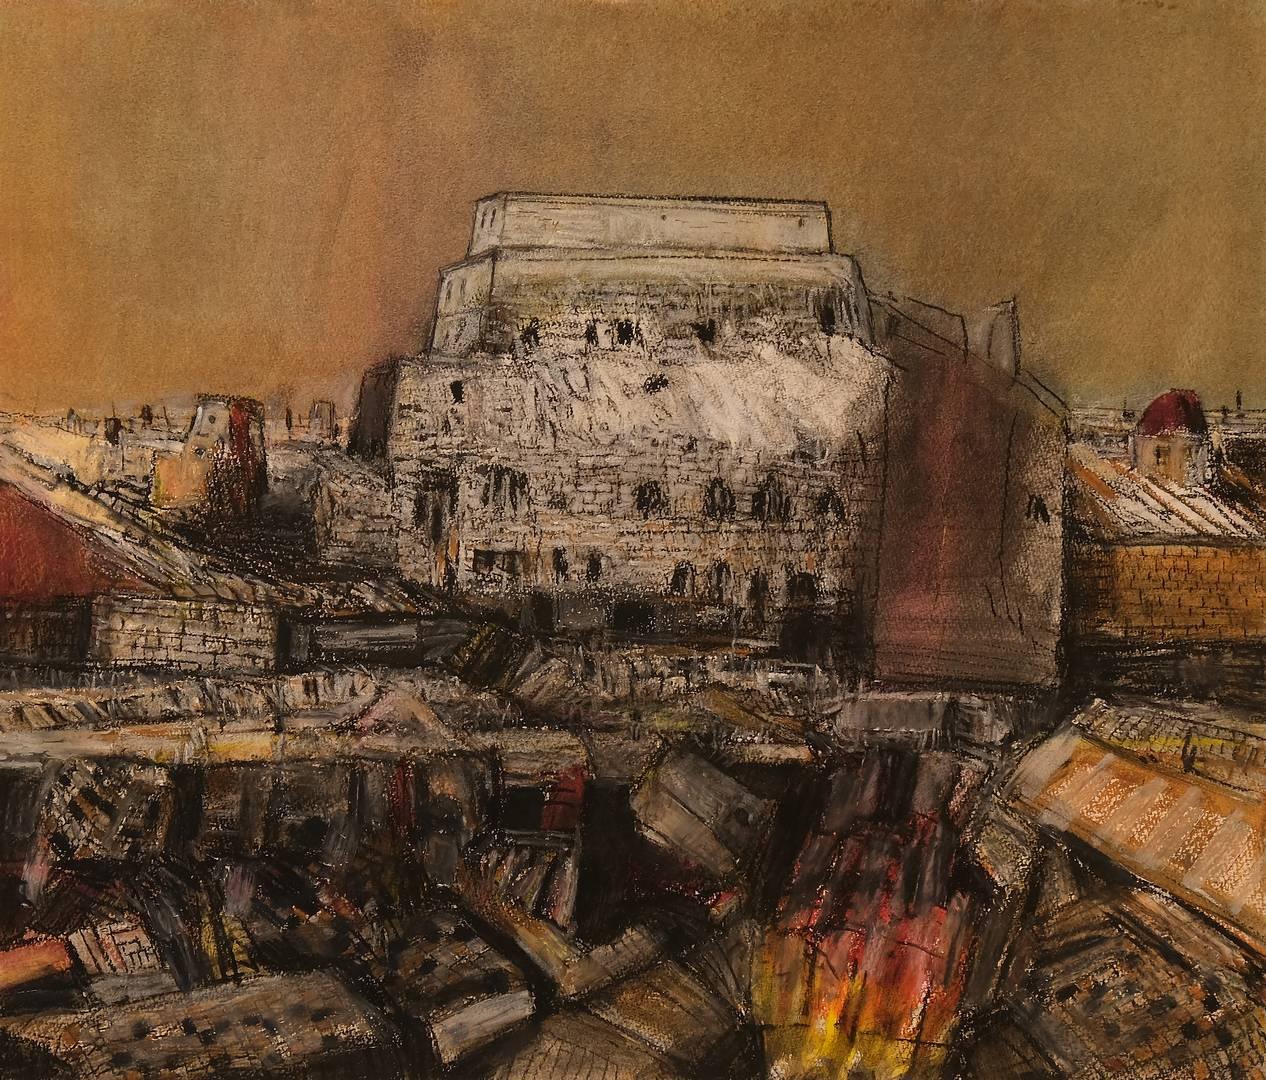 Sait Toprak, 50x50 cm, Kağıt üzerine pastel, 2012 (2)